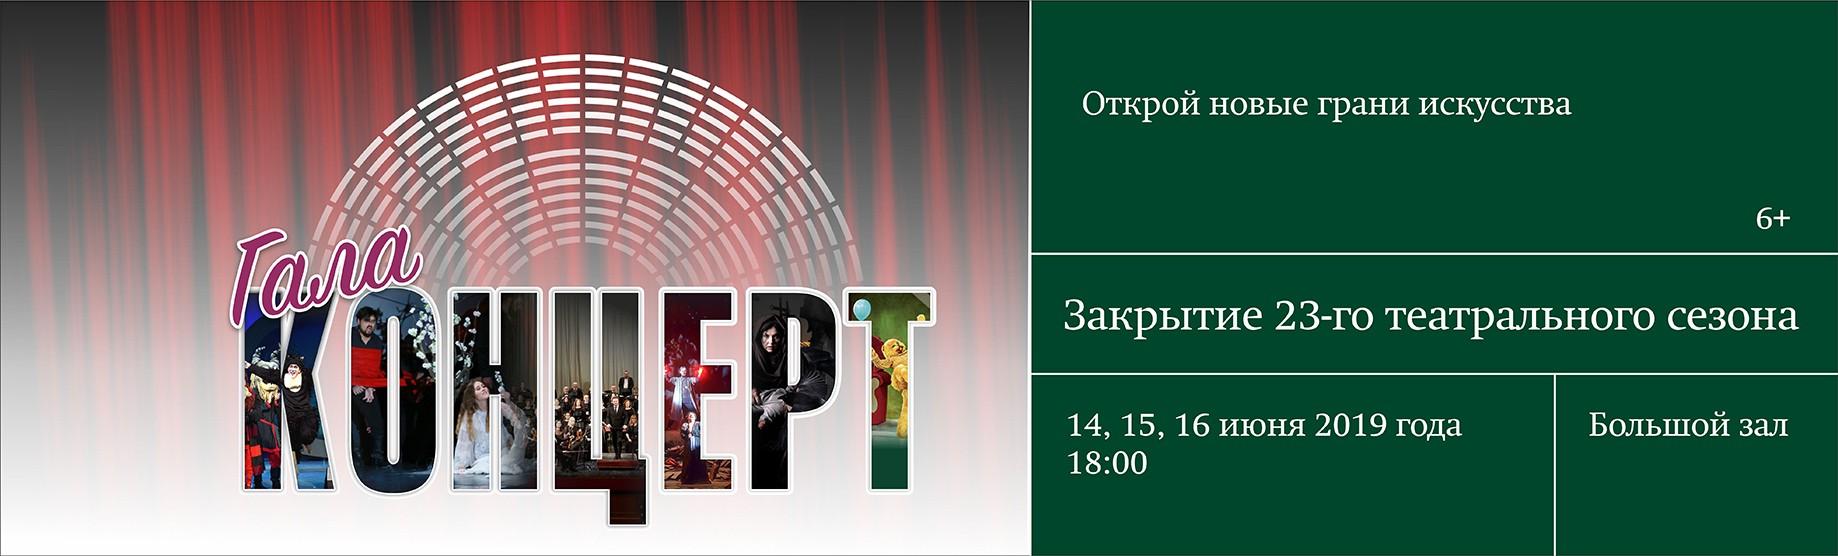 Гала-концерт.Закрытие 23-го театрального сезона.